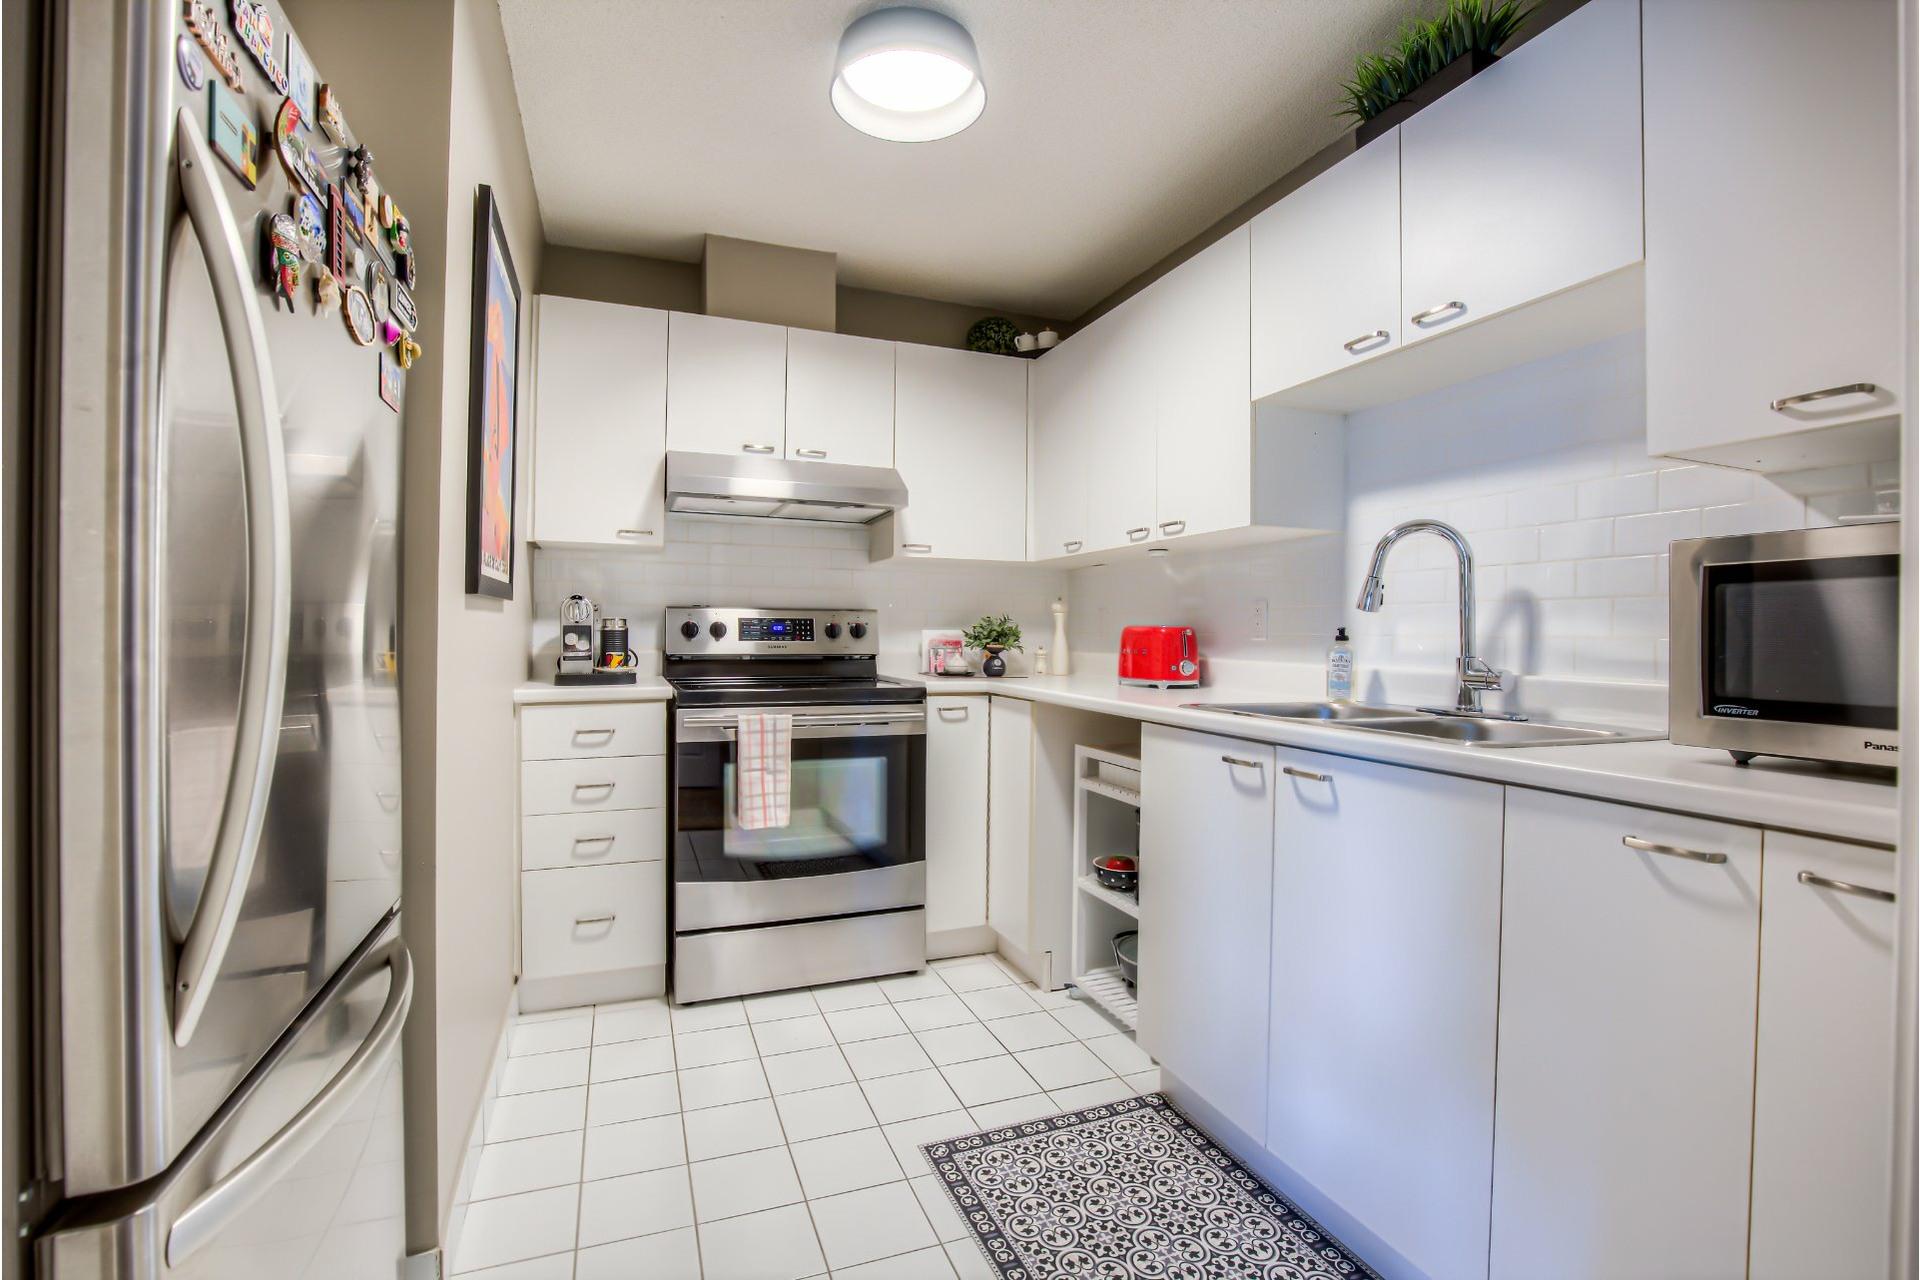 image 7 - Apartment For sale Pierrefonds-Roxboro Montréal  - 5 rooms